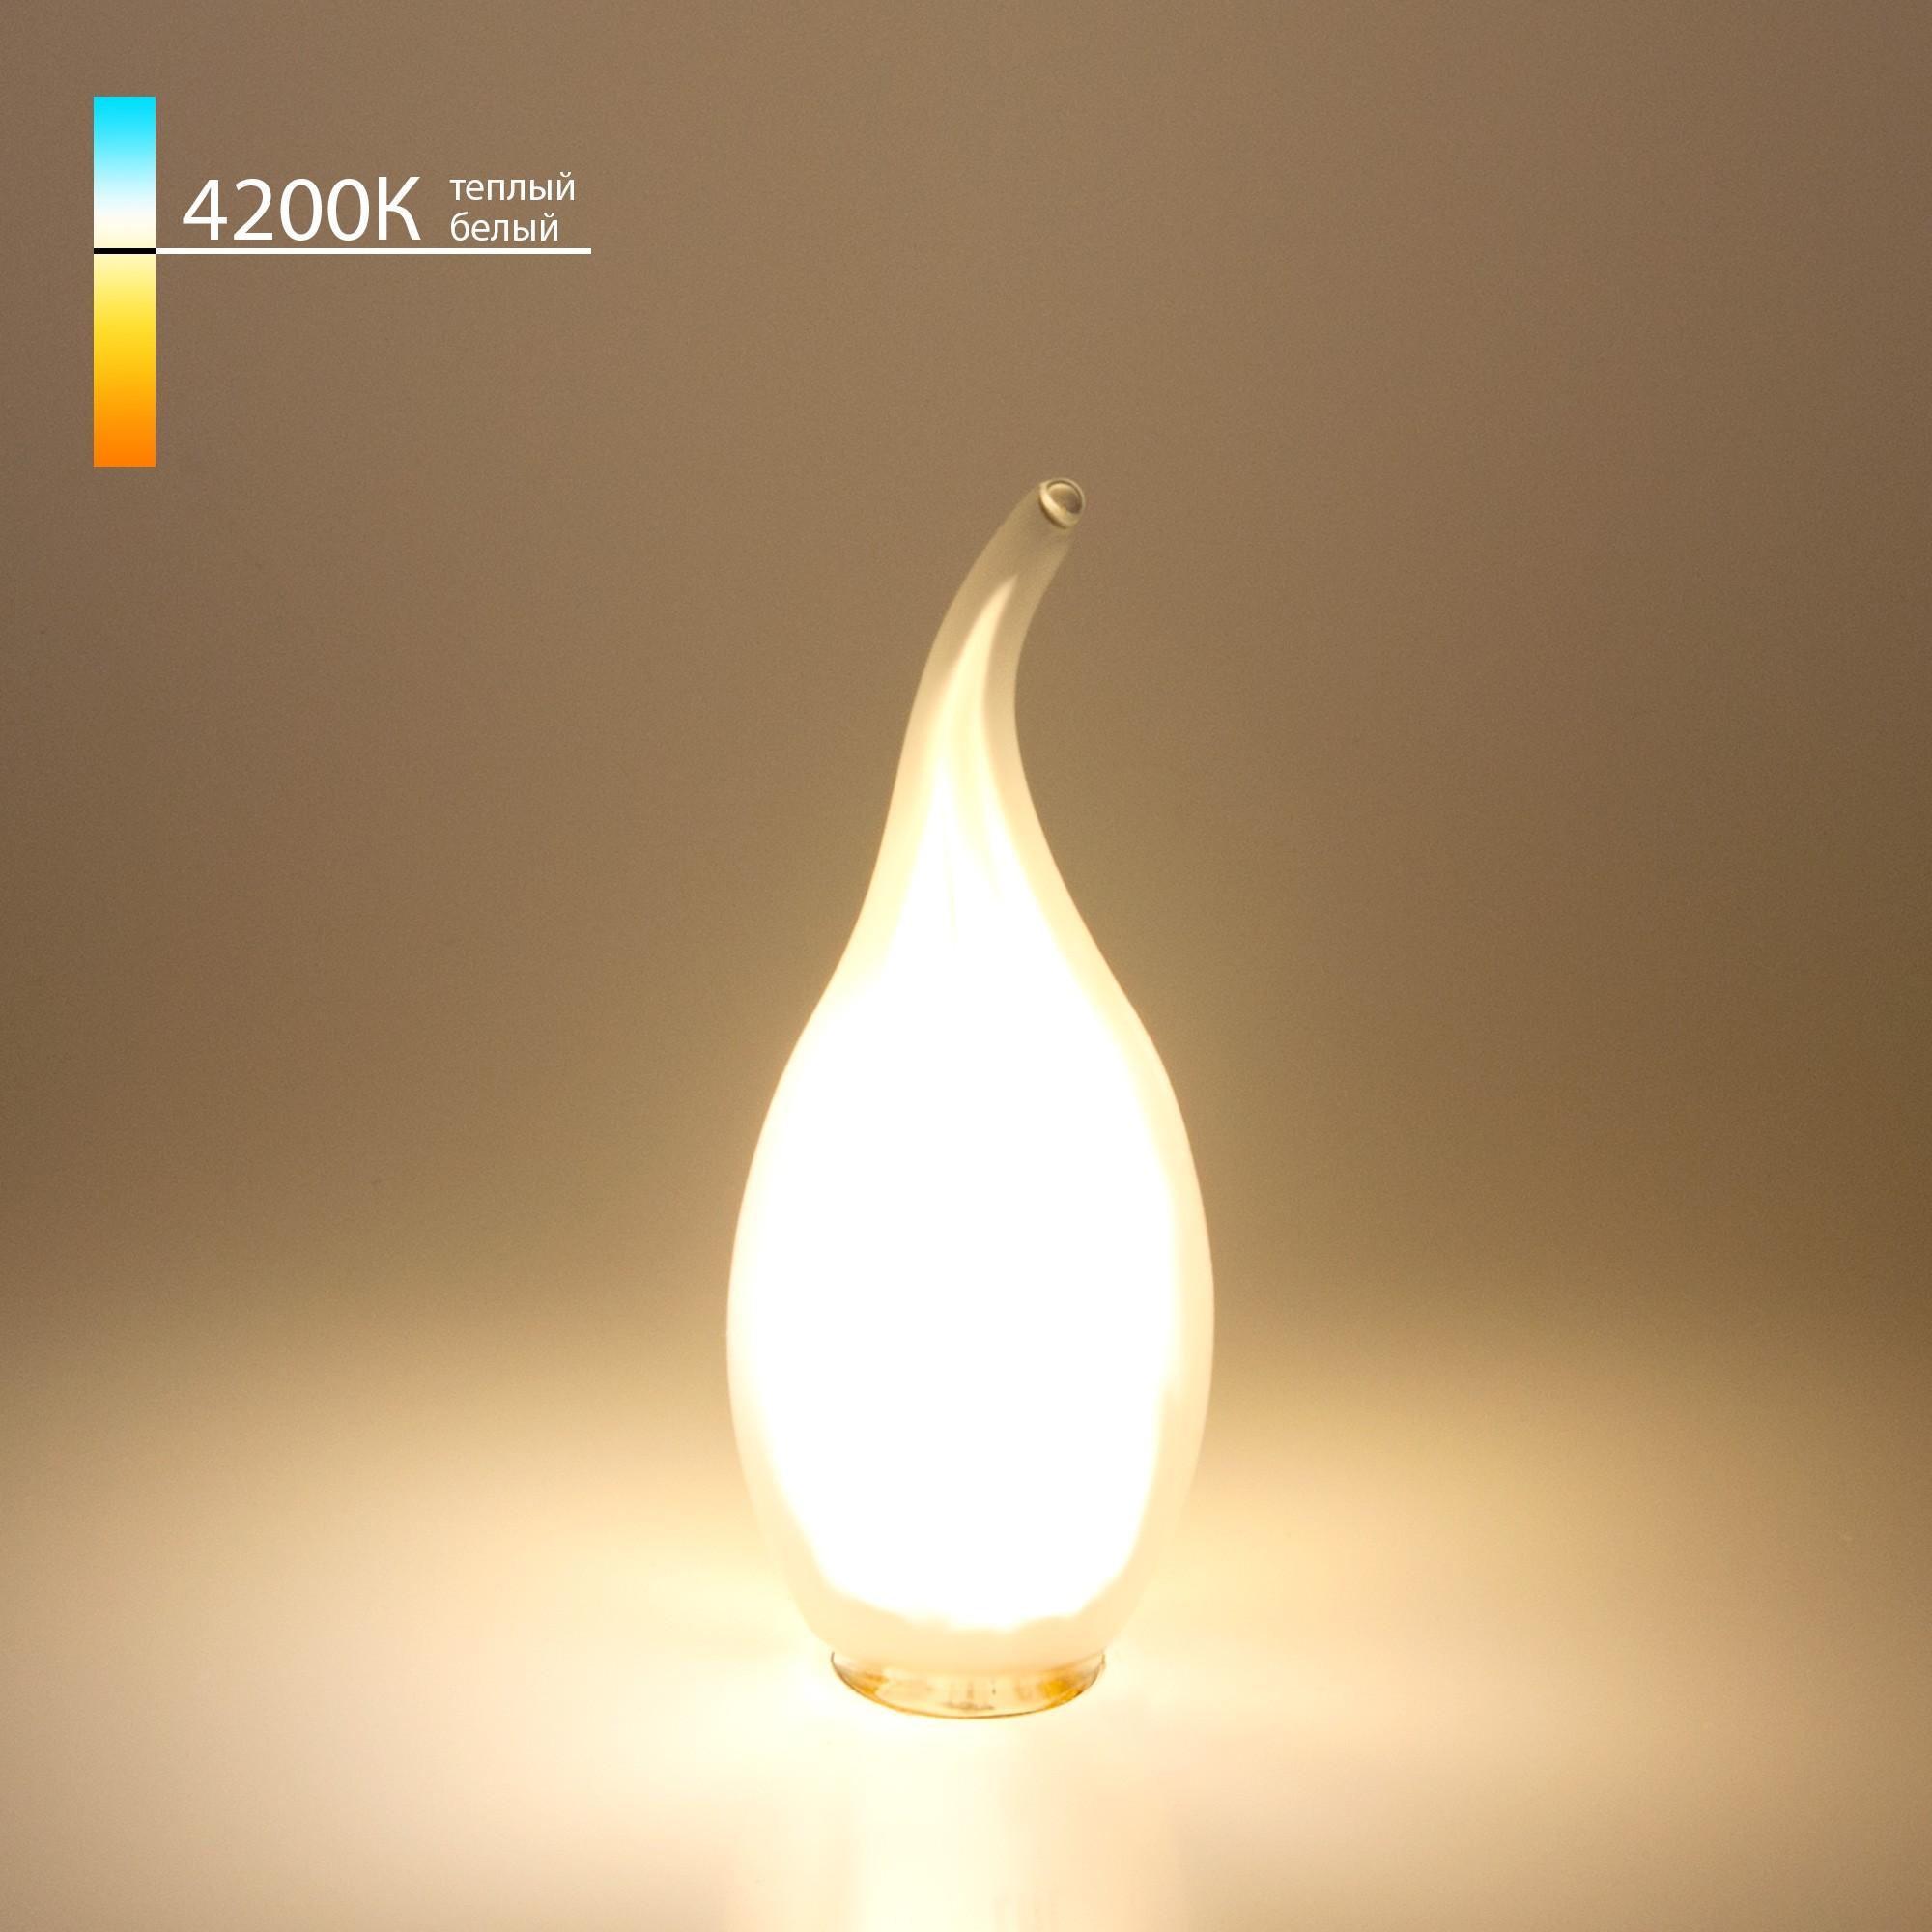 Свеча на ветру BLE1430 9W 4200K E14 (CW35 белый матовый)